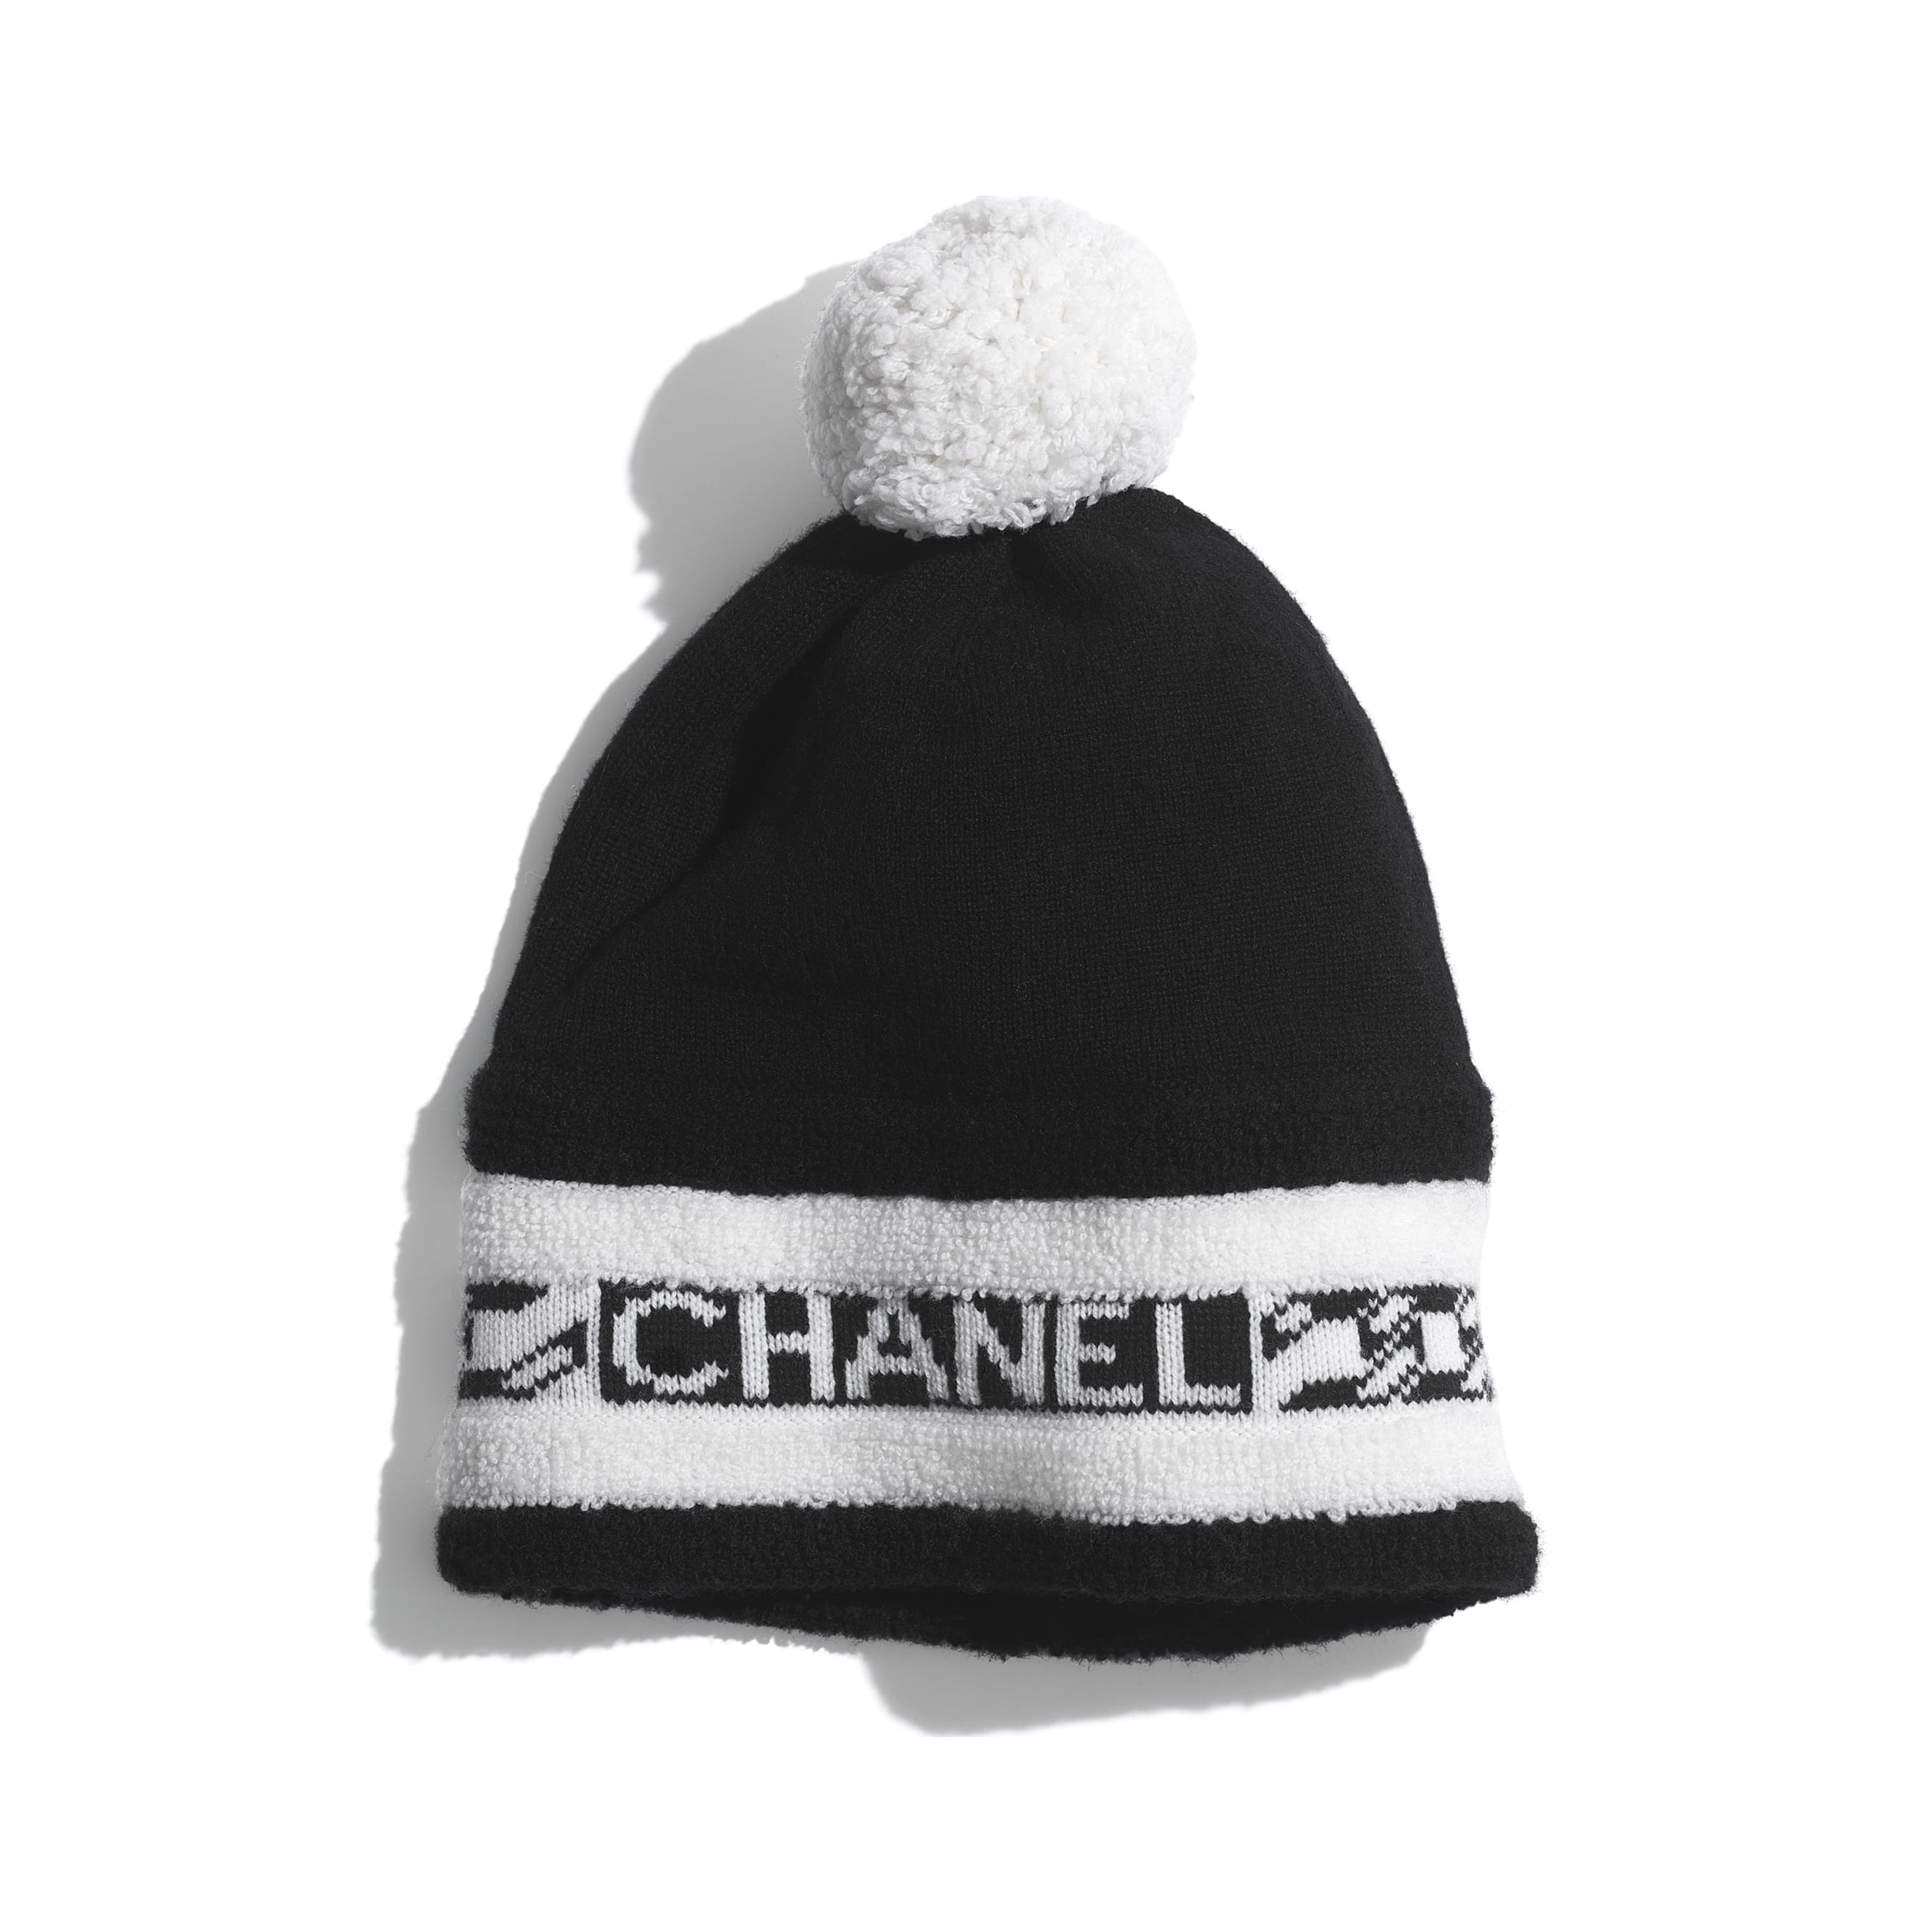 Cappello - Nero & ecru - Cachemire - CHANEL - Immagine predefinita - vedere versione standard